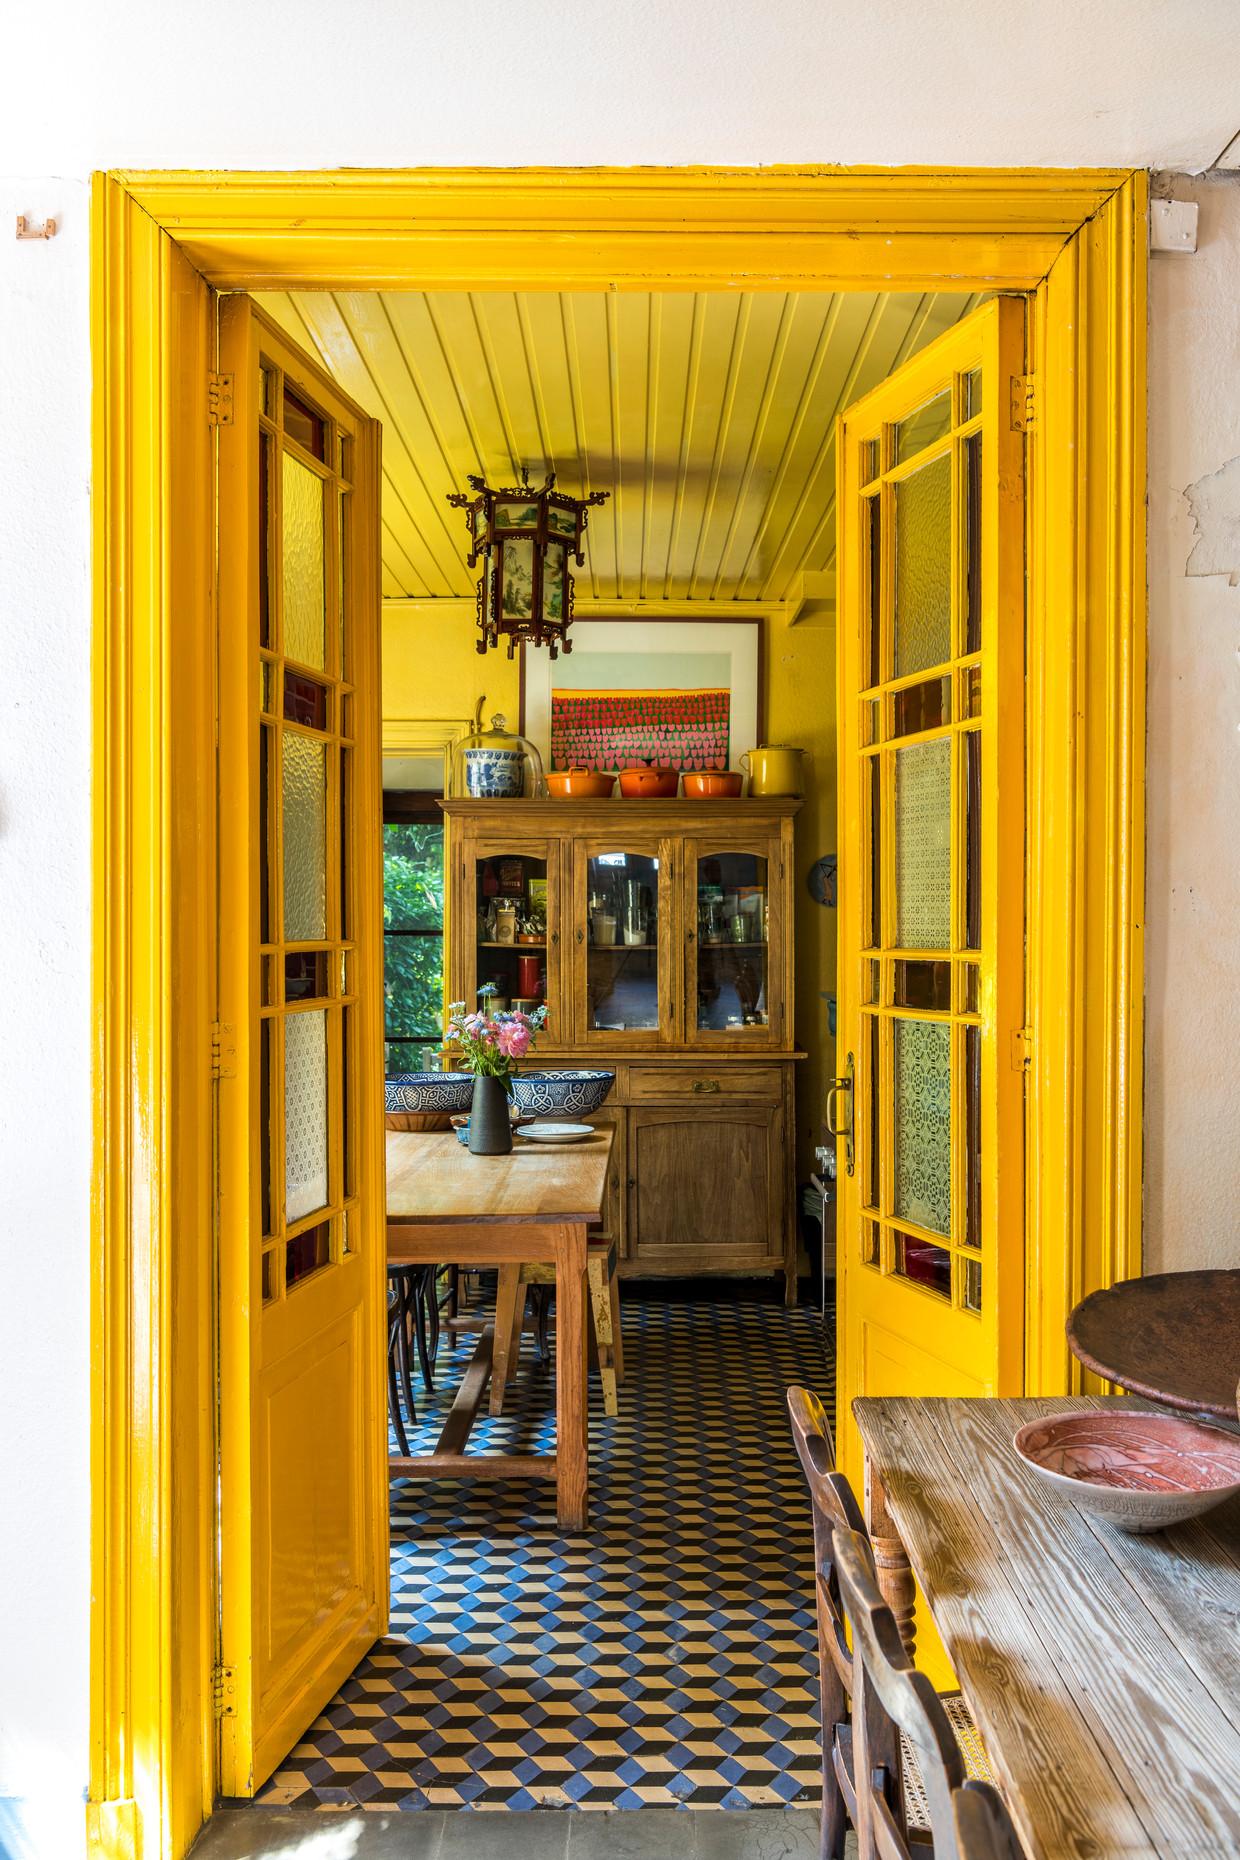 De kleurrijke keuken met uitzicht op de tuin is Jokes favoriete plek in huis. 'Het is er klein, maar gezellig. Het interieur is een bont allegaartje van antieke meubelstukken en een verzameling oude potten en pannen.'  Beeld Luc Roymans